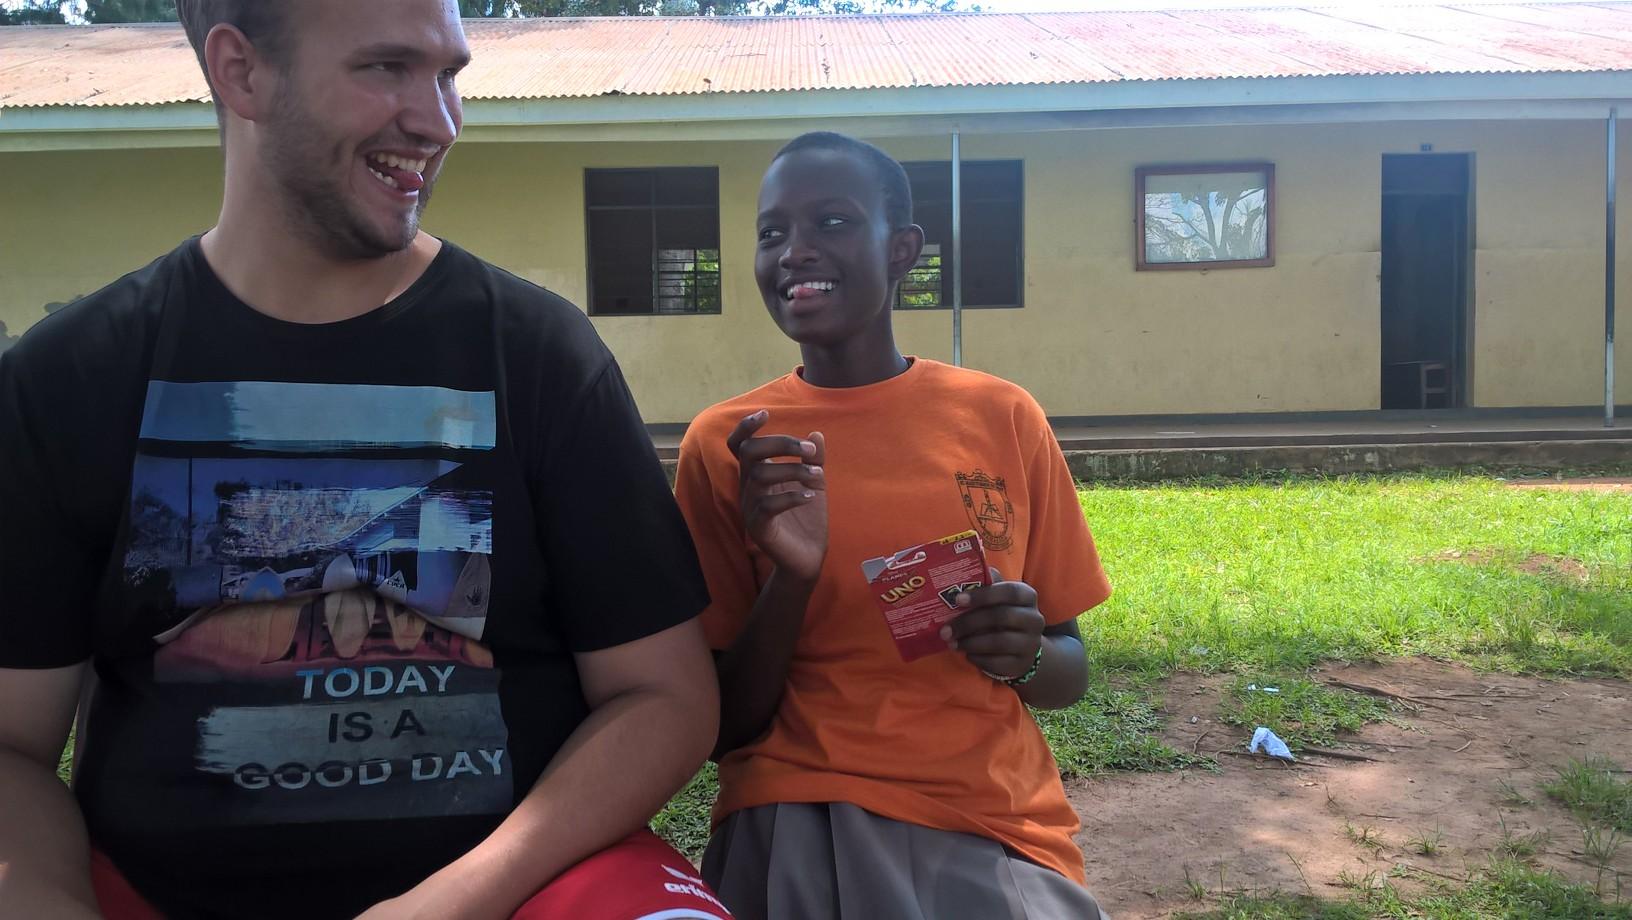 Sven und Charity beim Uno spielen...